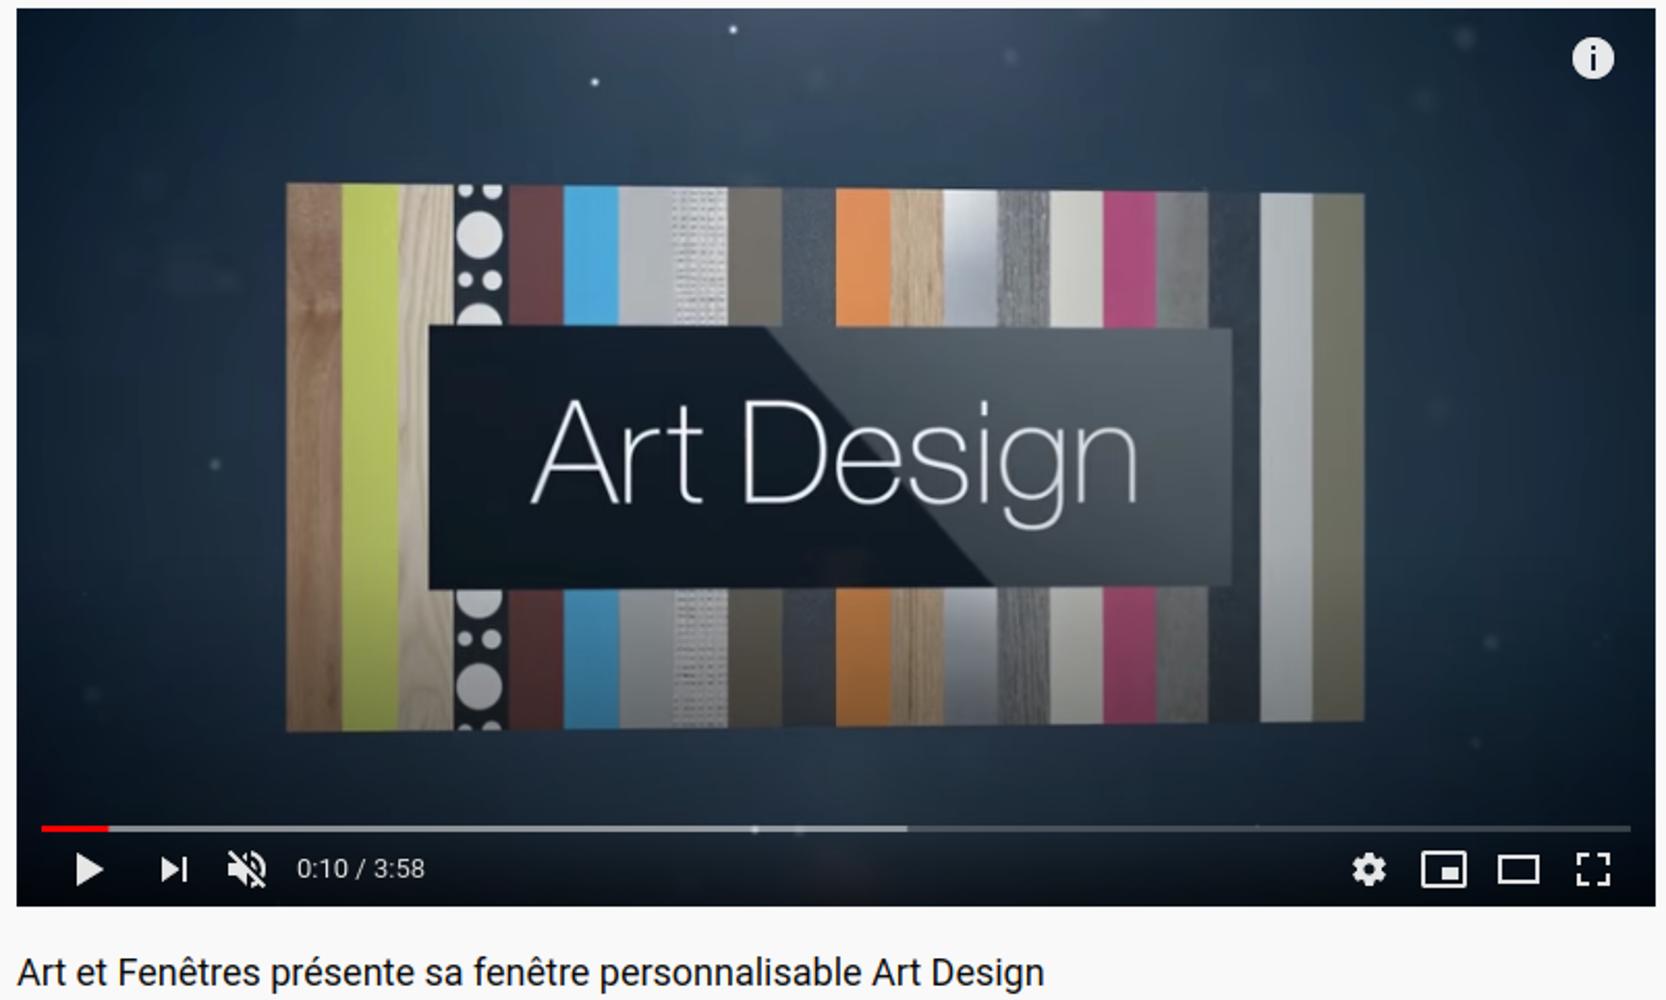 La fenêtre personnalisable Art Design 0